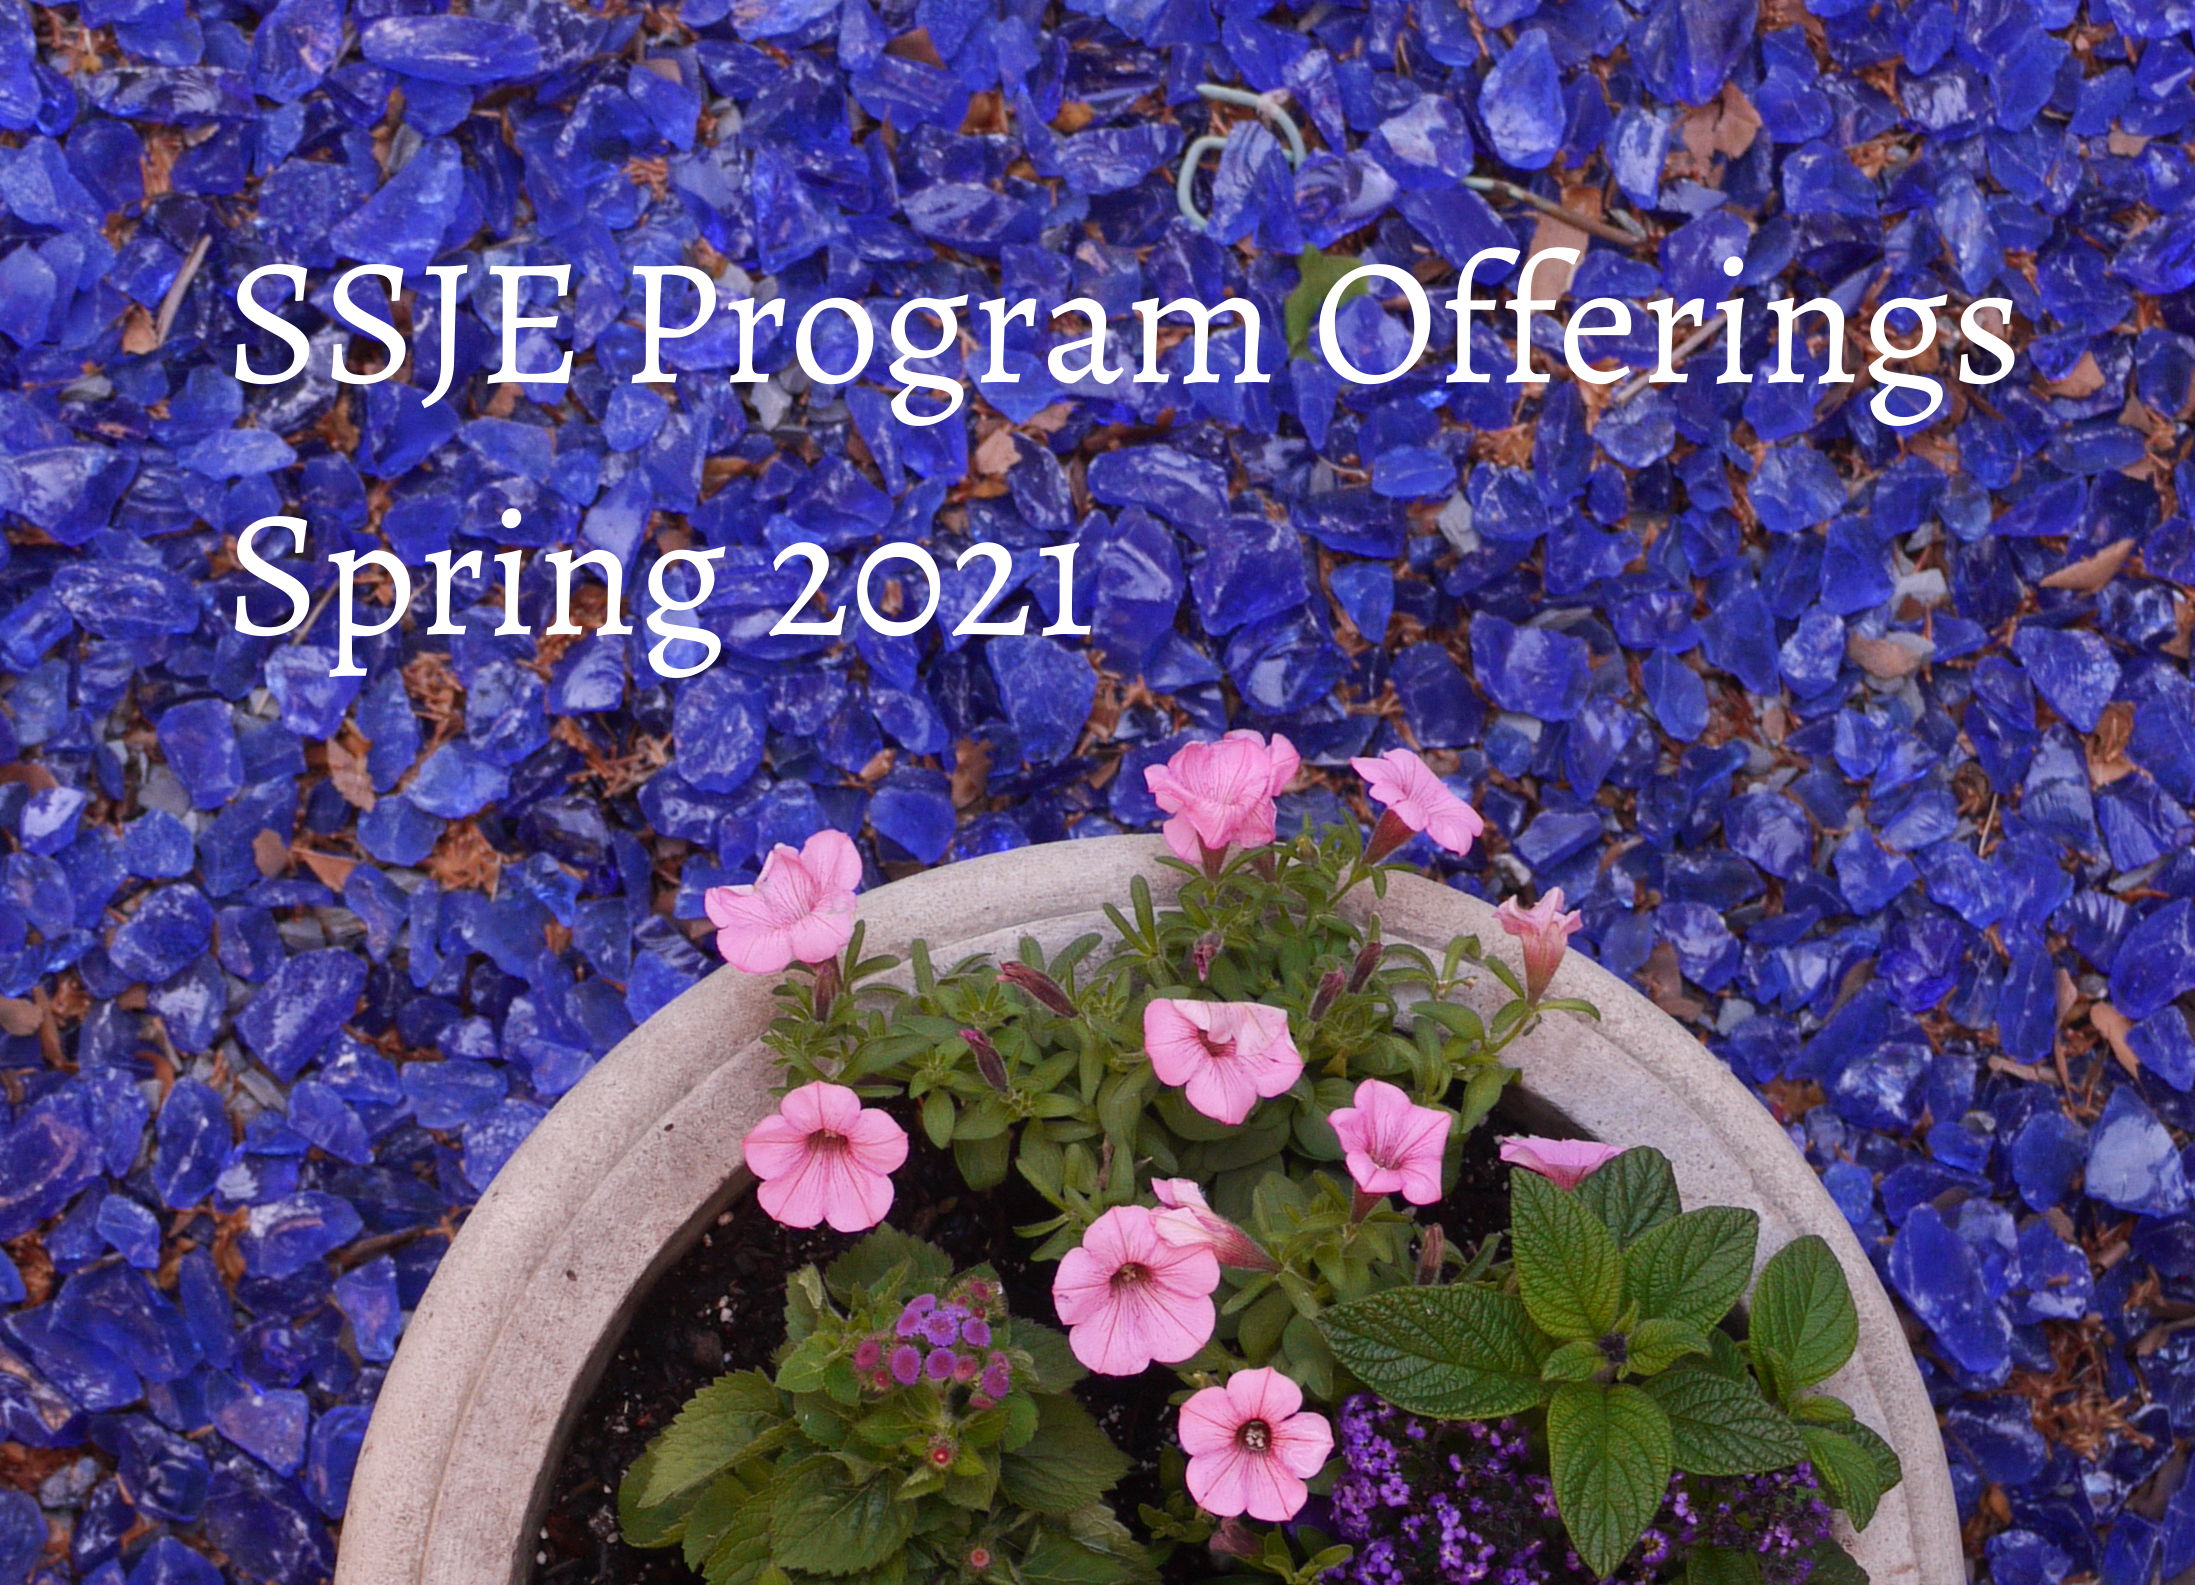 SSJE Program Offerings Spring 2021